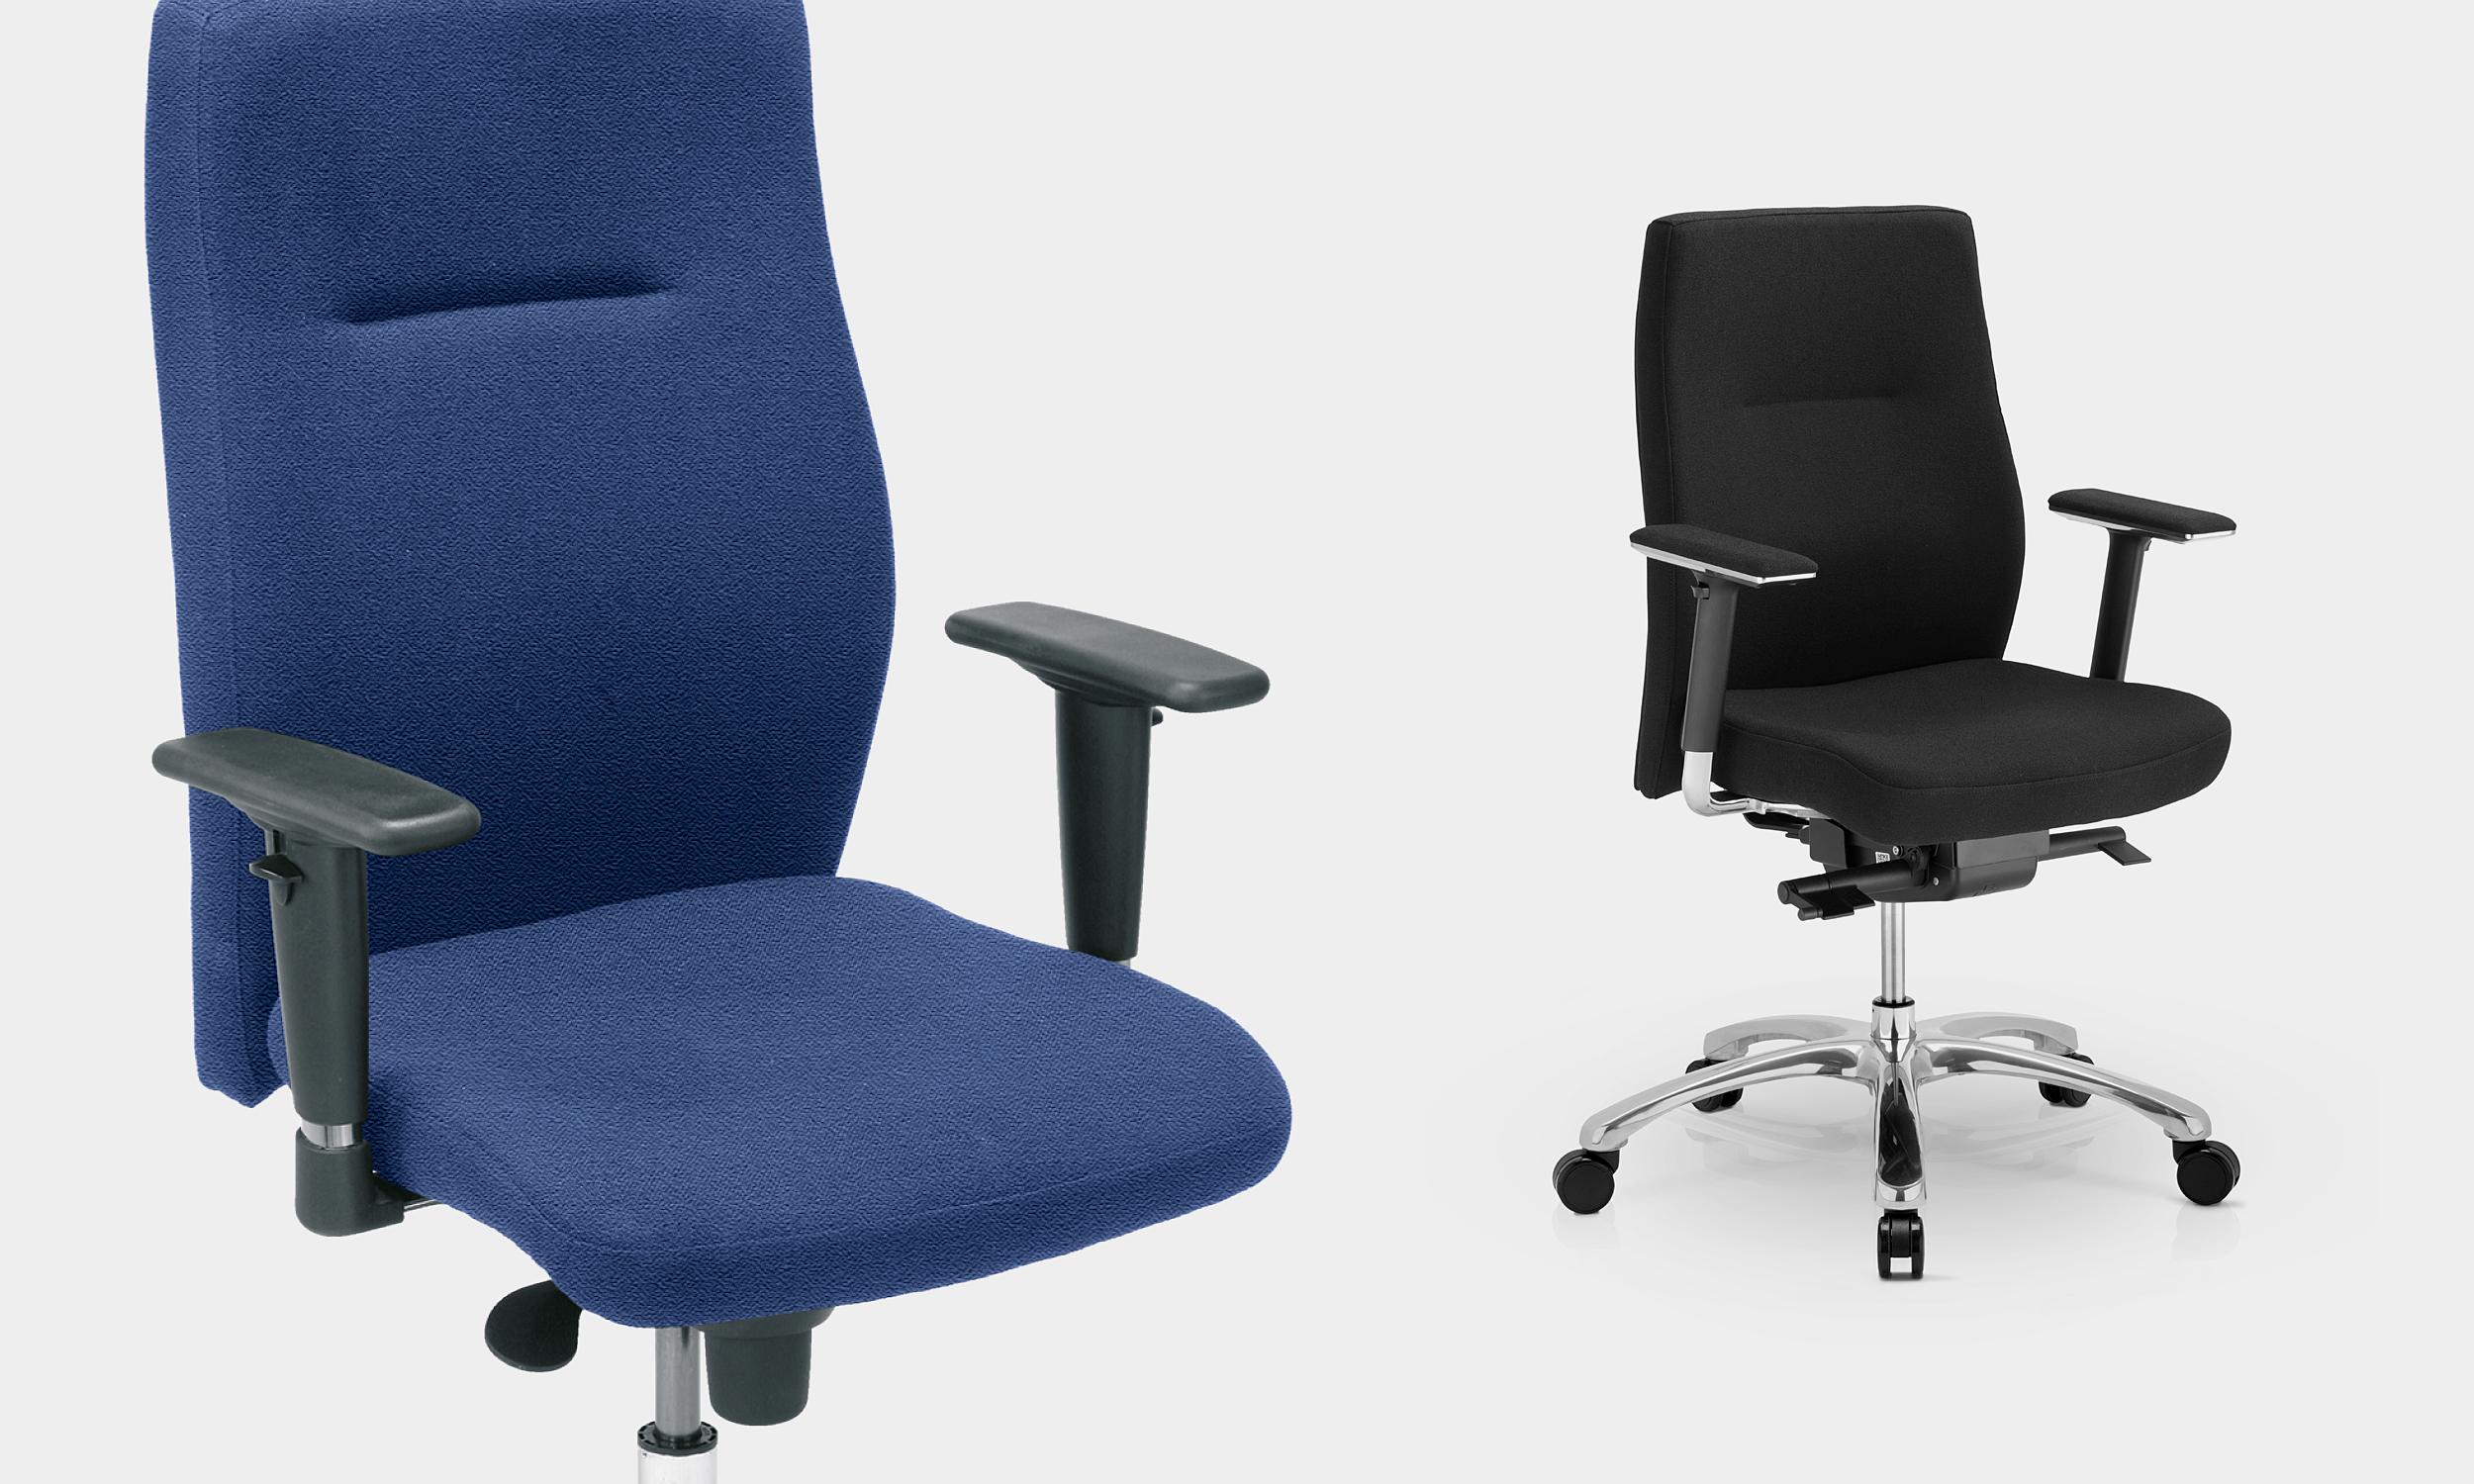 krzesło_Orlando02.jpg